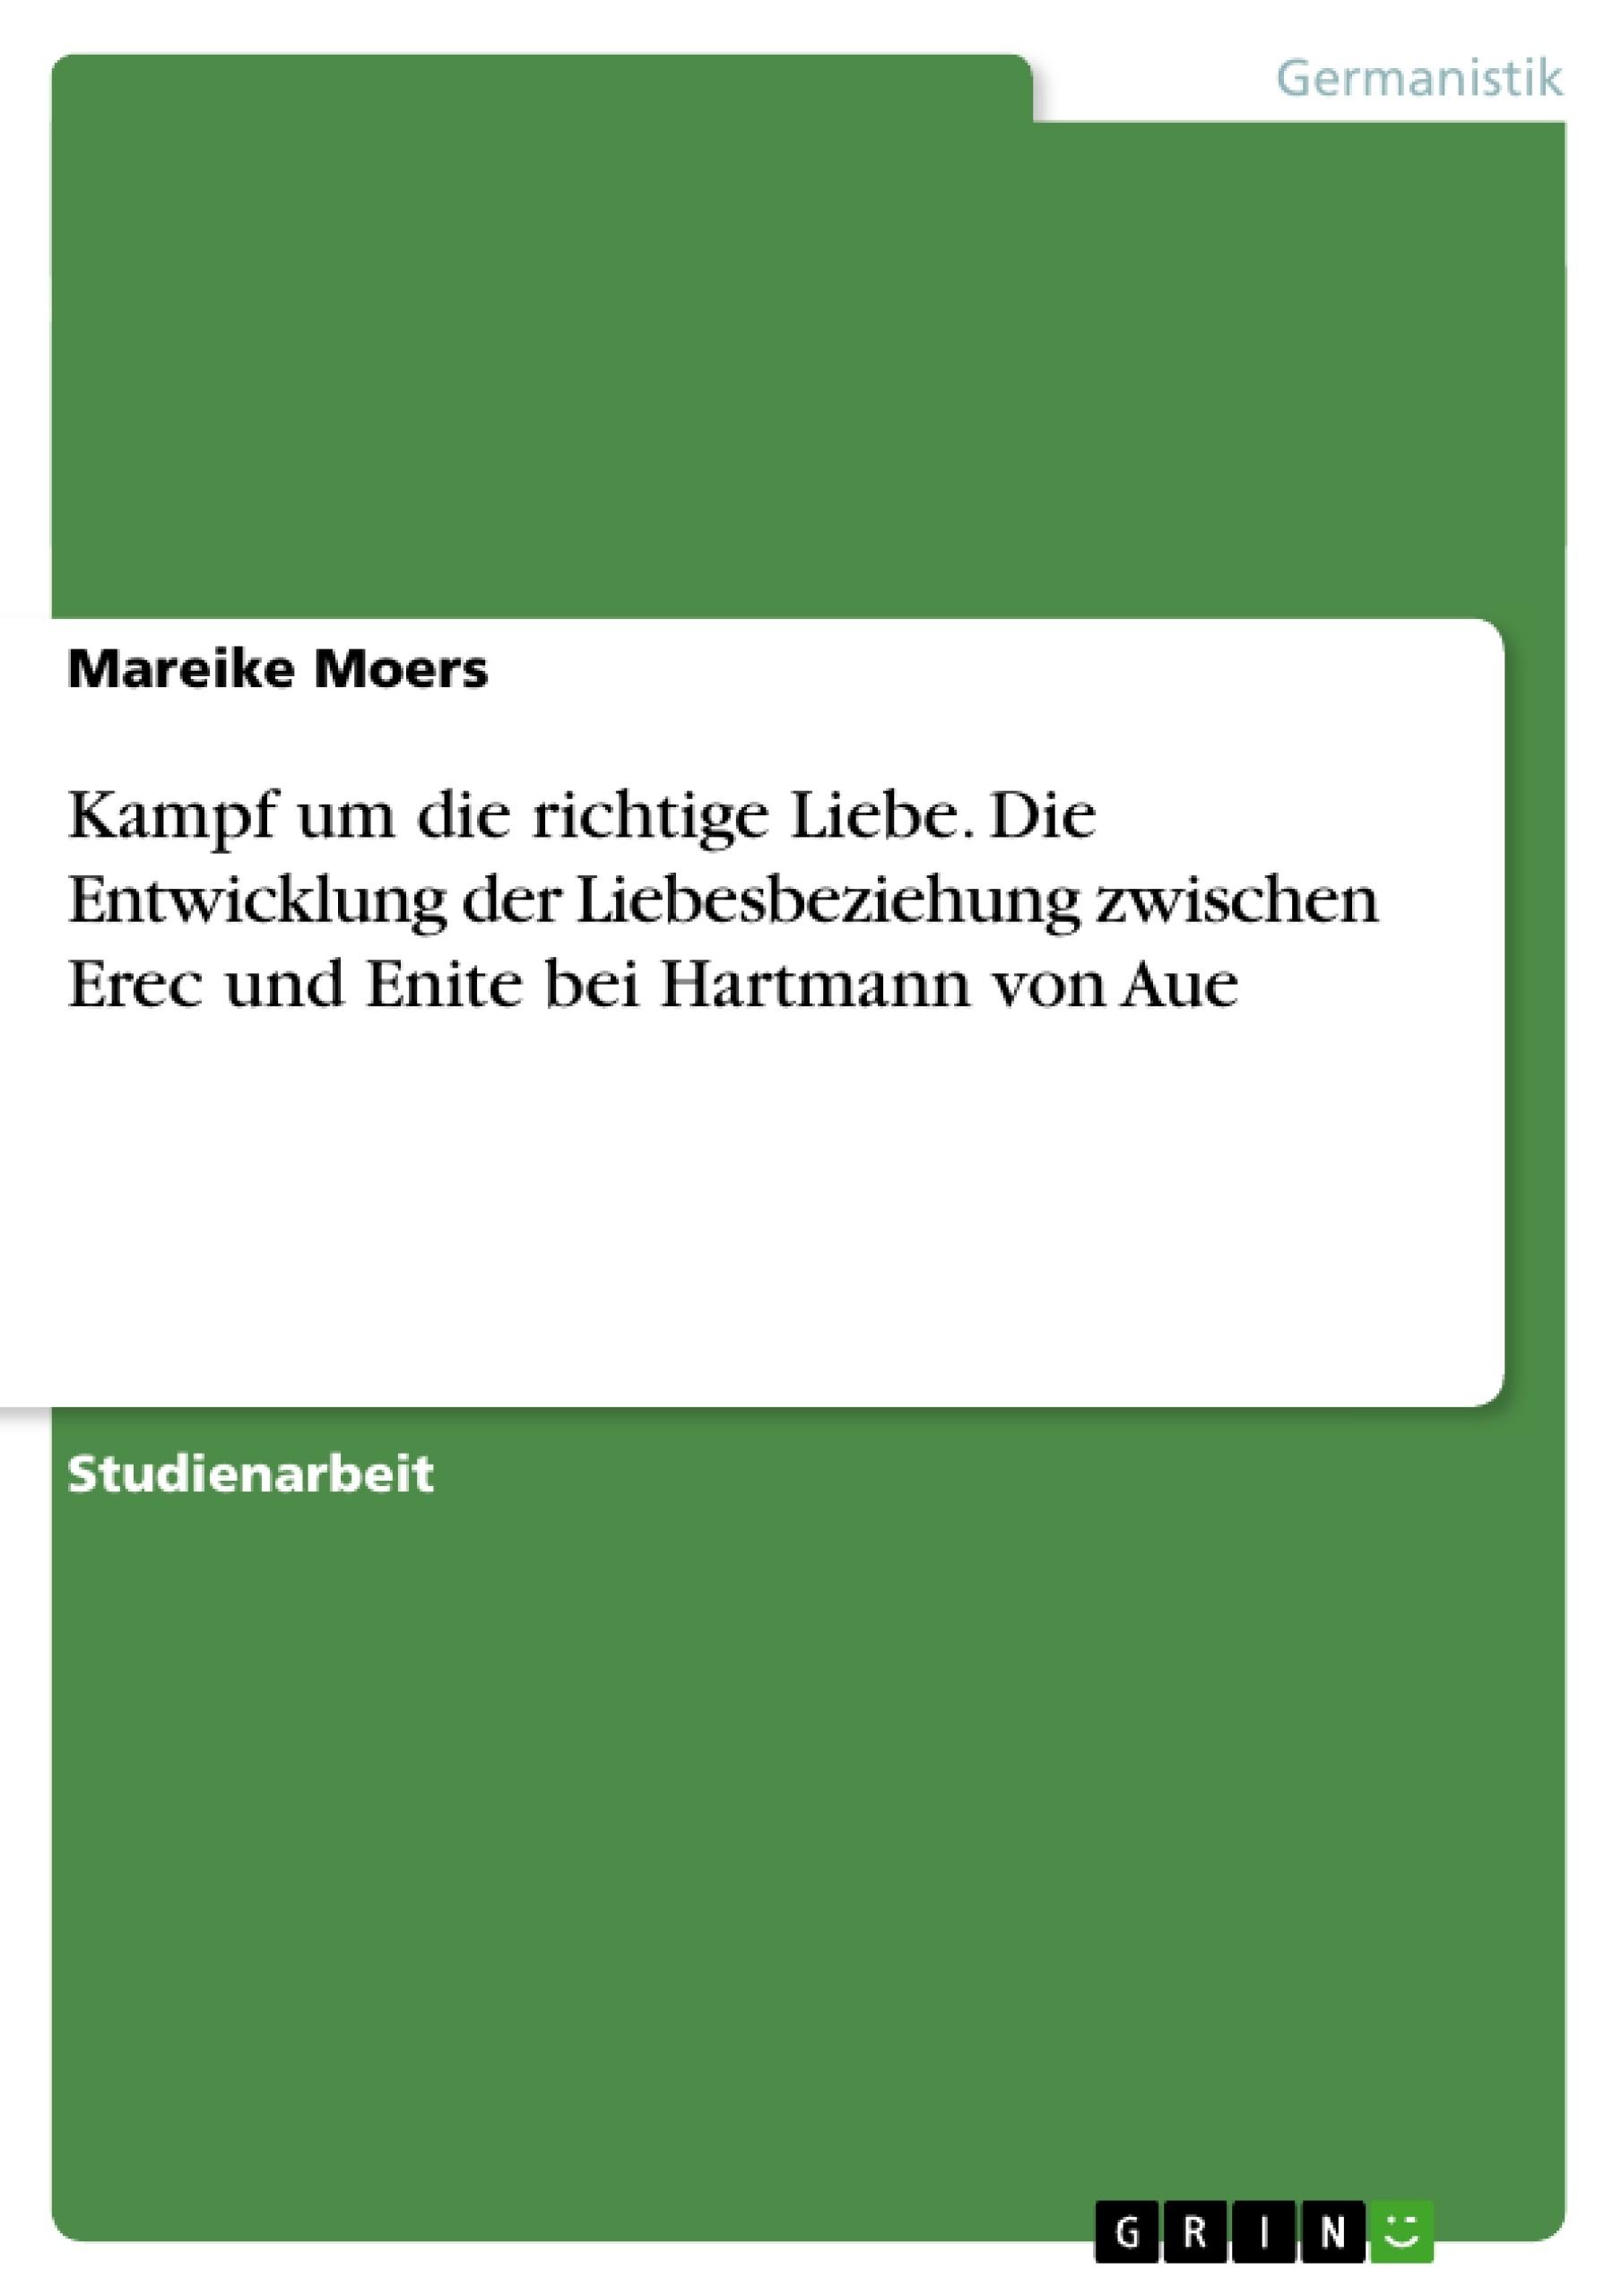 Titel: Kampf um die richtige Liebe. Die Entwicklung der Liebesbeziehung zwischen Erec und Enite bei Hartmann von Aue